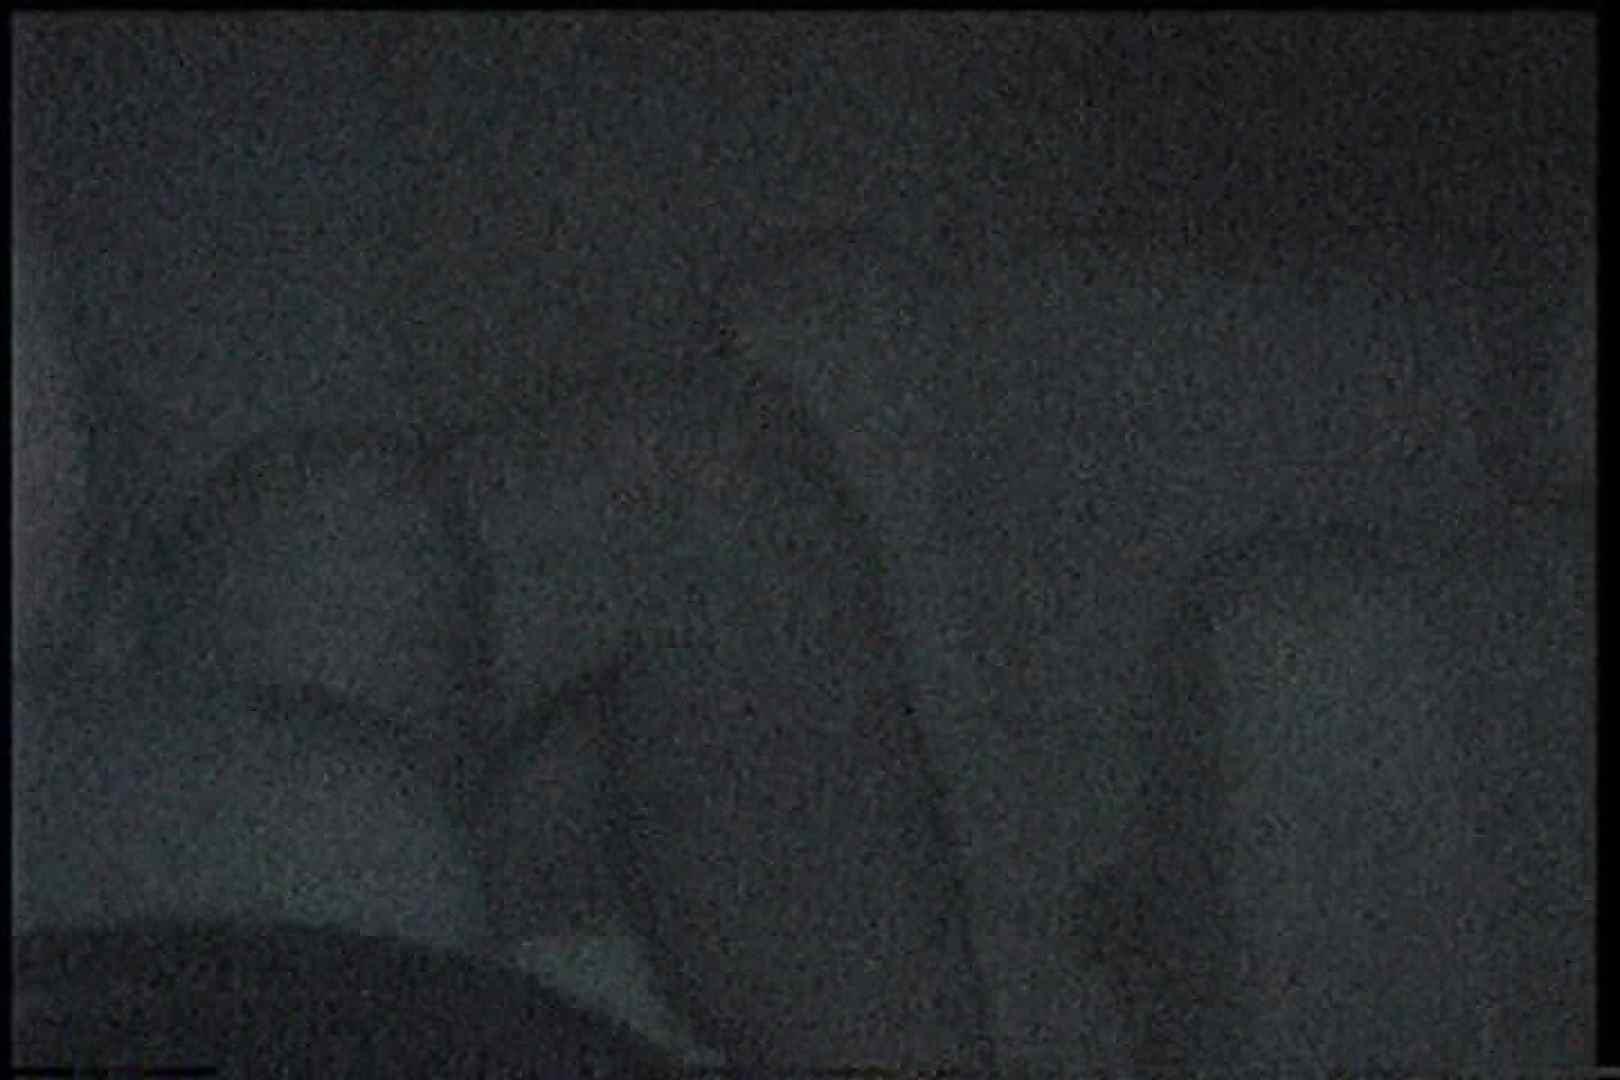 充血監督の深夜の運動会Vol.181 OLセックス 盗撮オマンコ無修正動画無料 84画像 22